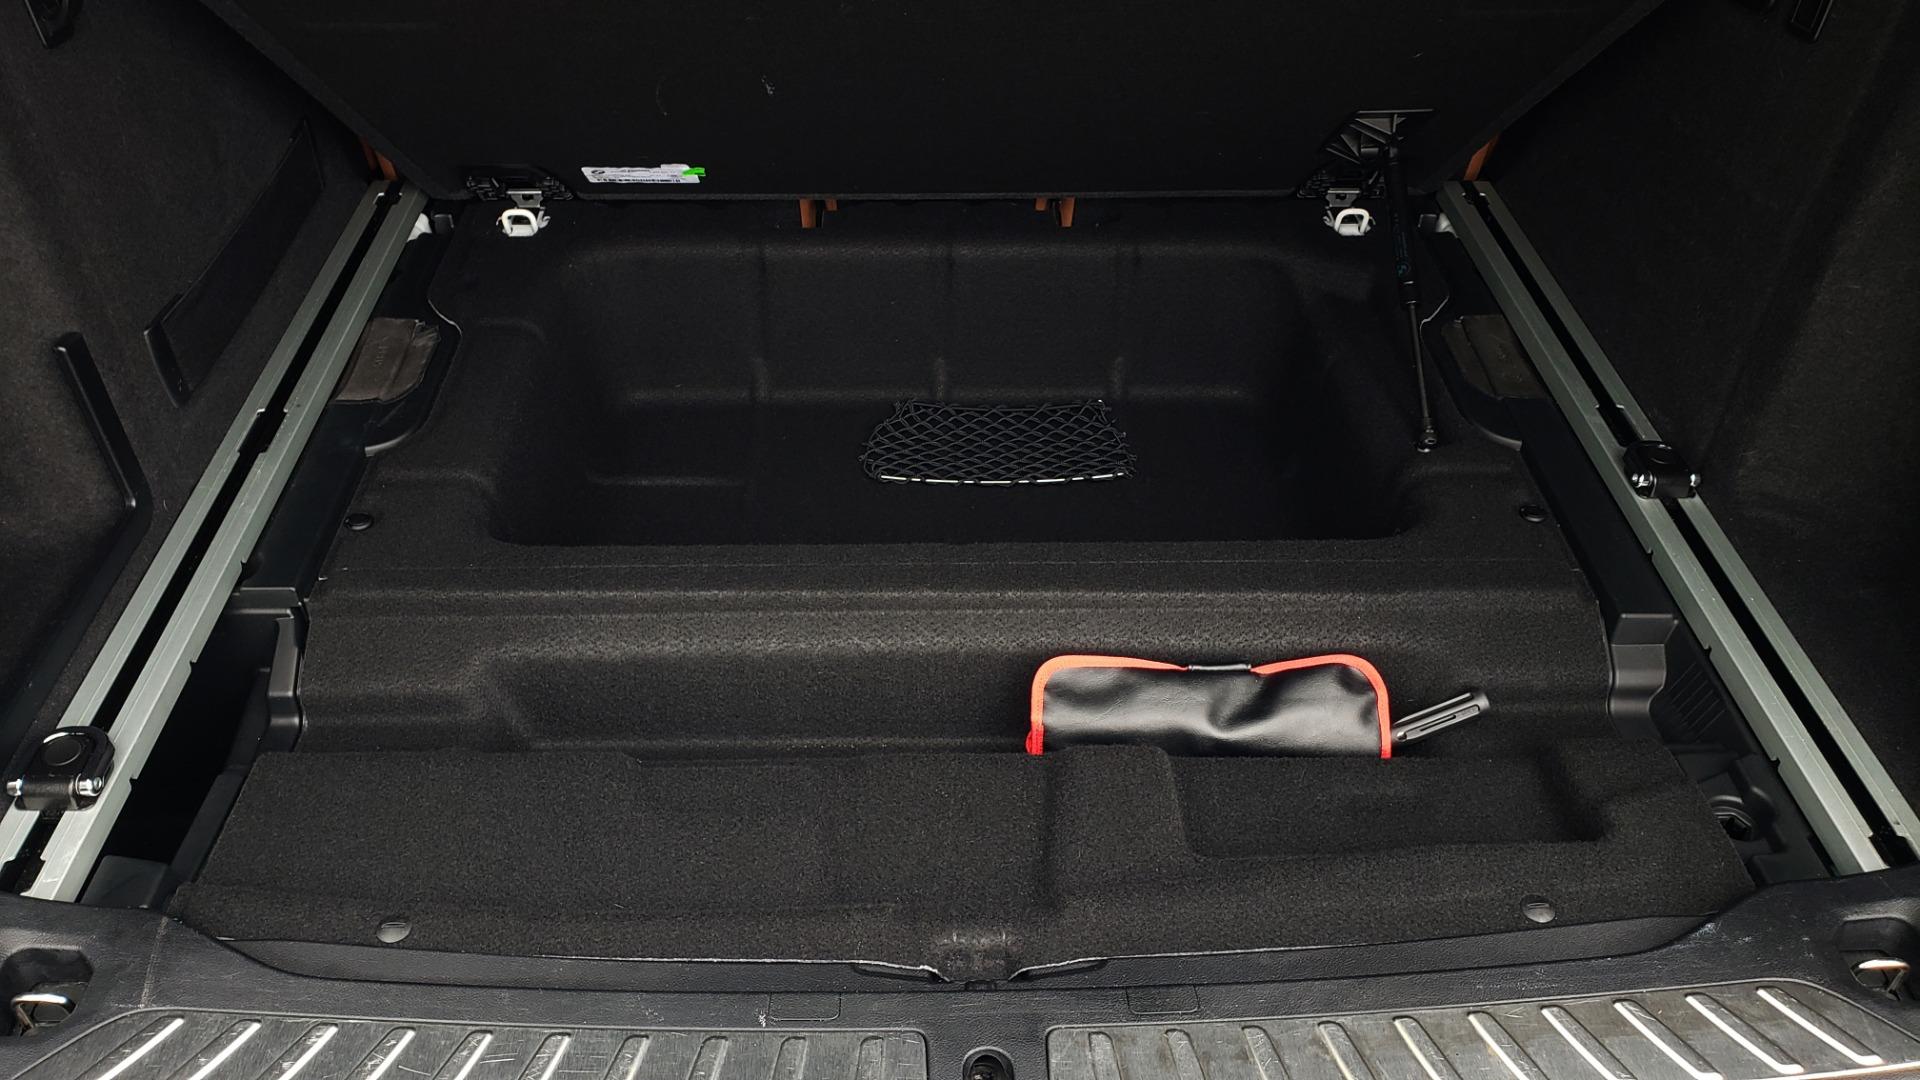 Used 2018 BMW X3 XDRIVE30I / LUX PKG / PREM PKG / CONV PKG / PDC / APPLE CARPLAY for sale Sold at Formula Imports in Charlotte NC 28227 20